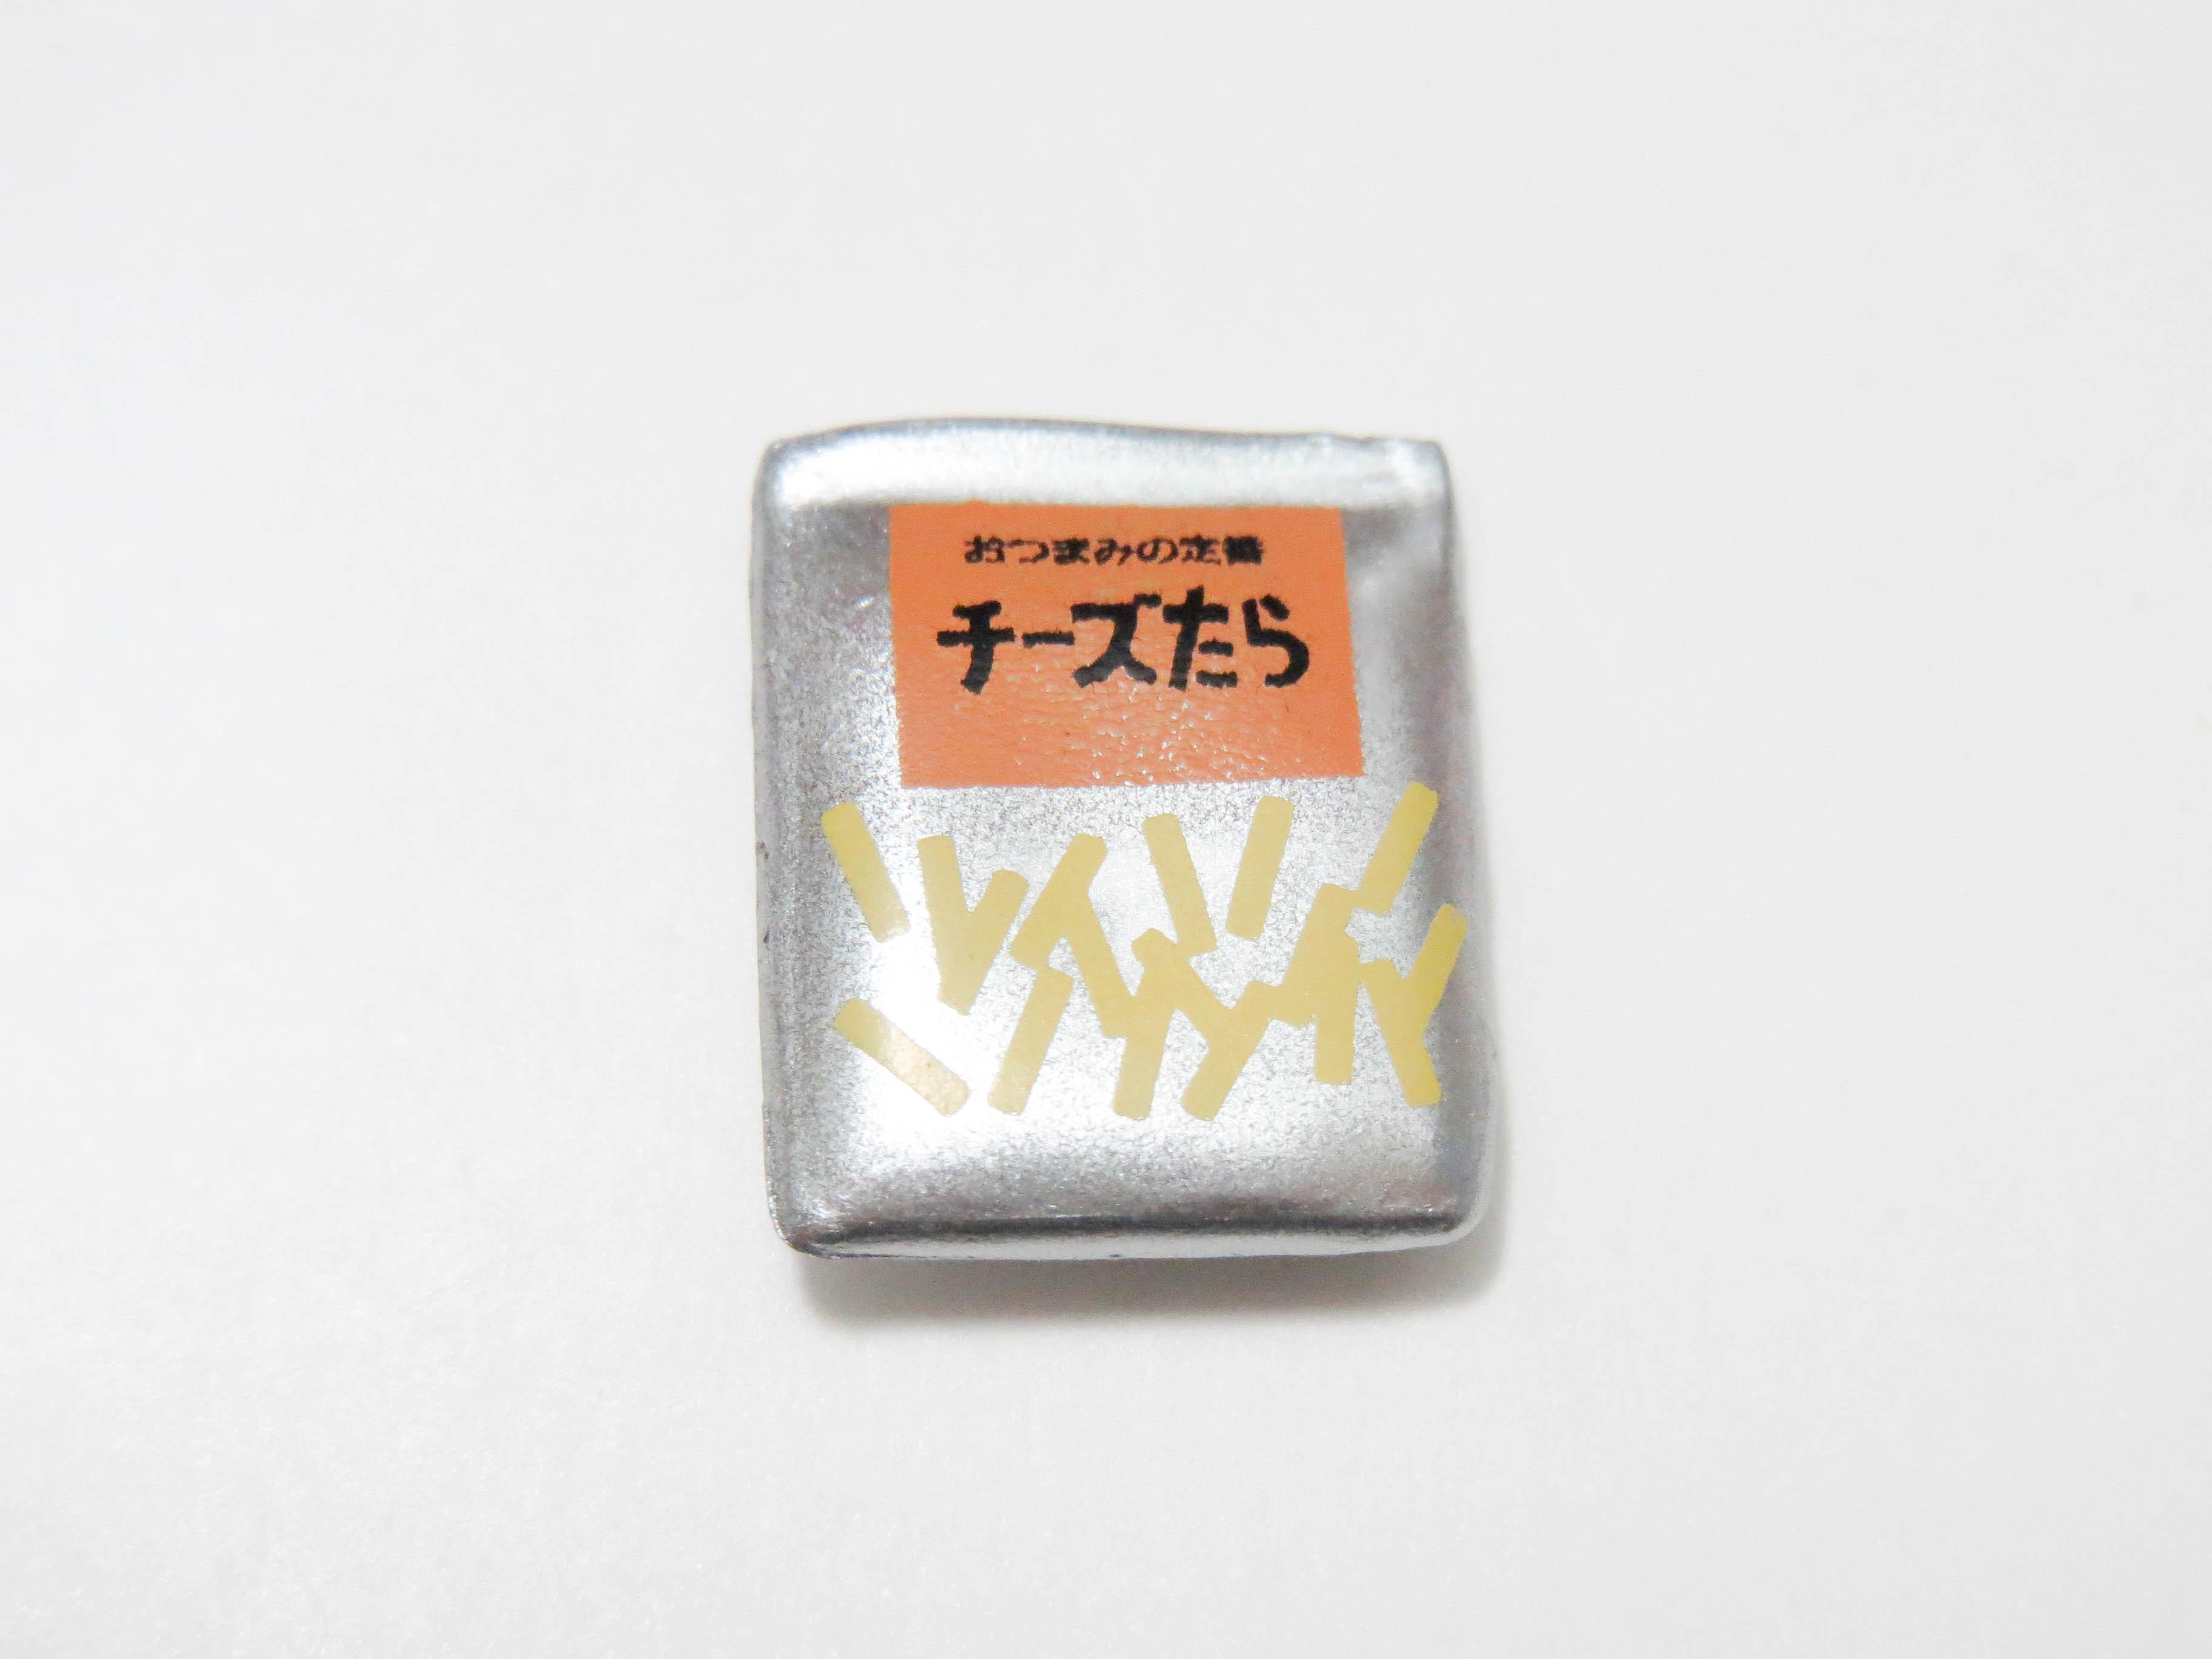 再入荷【524】 うまる 小物パーツ チーズたら ねんどろいど